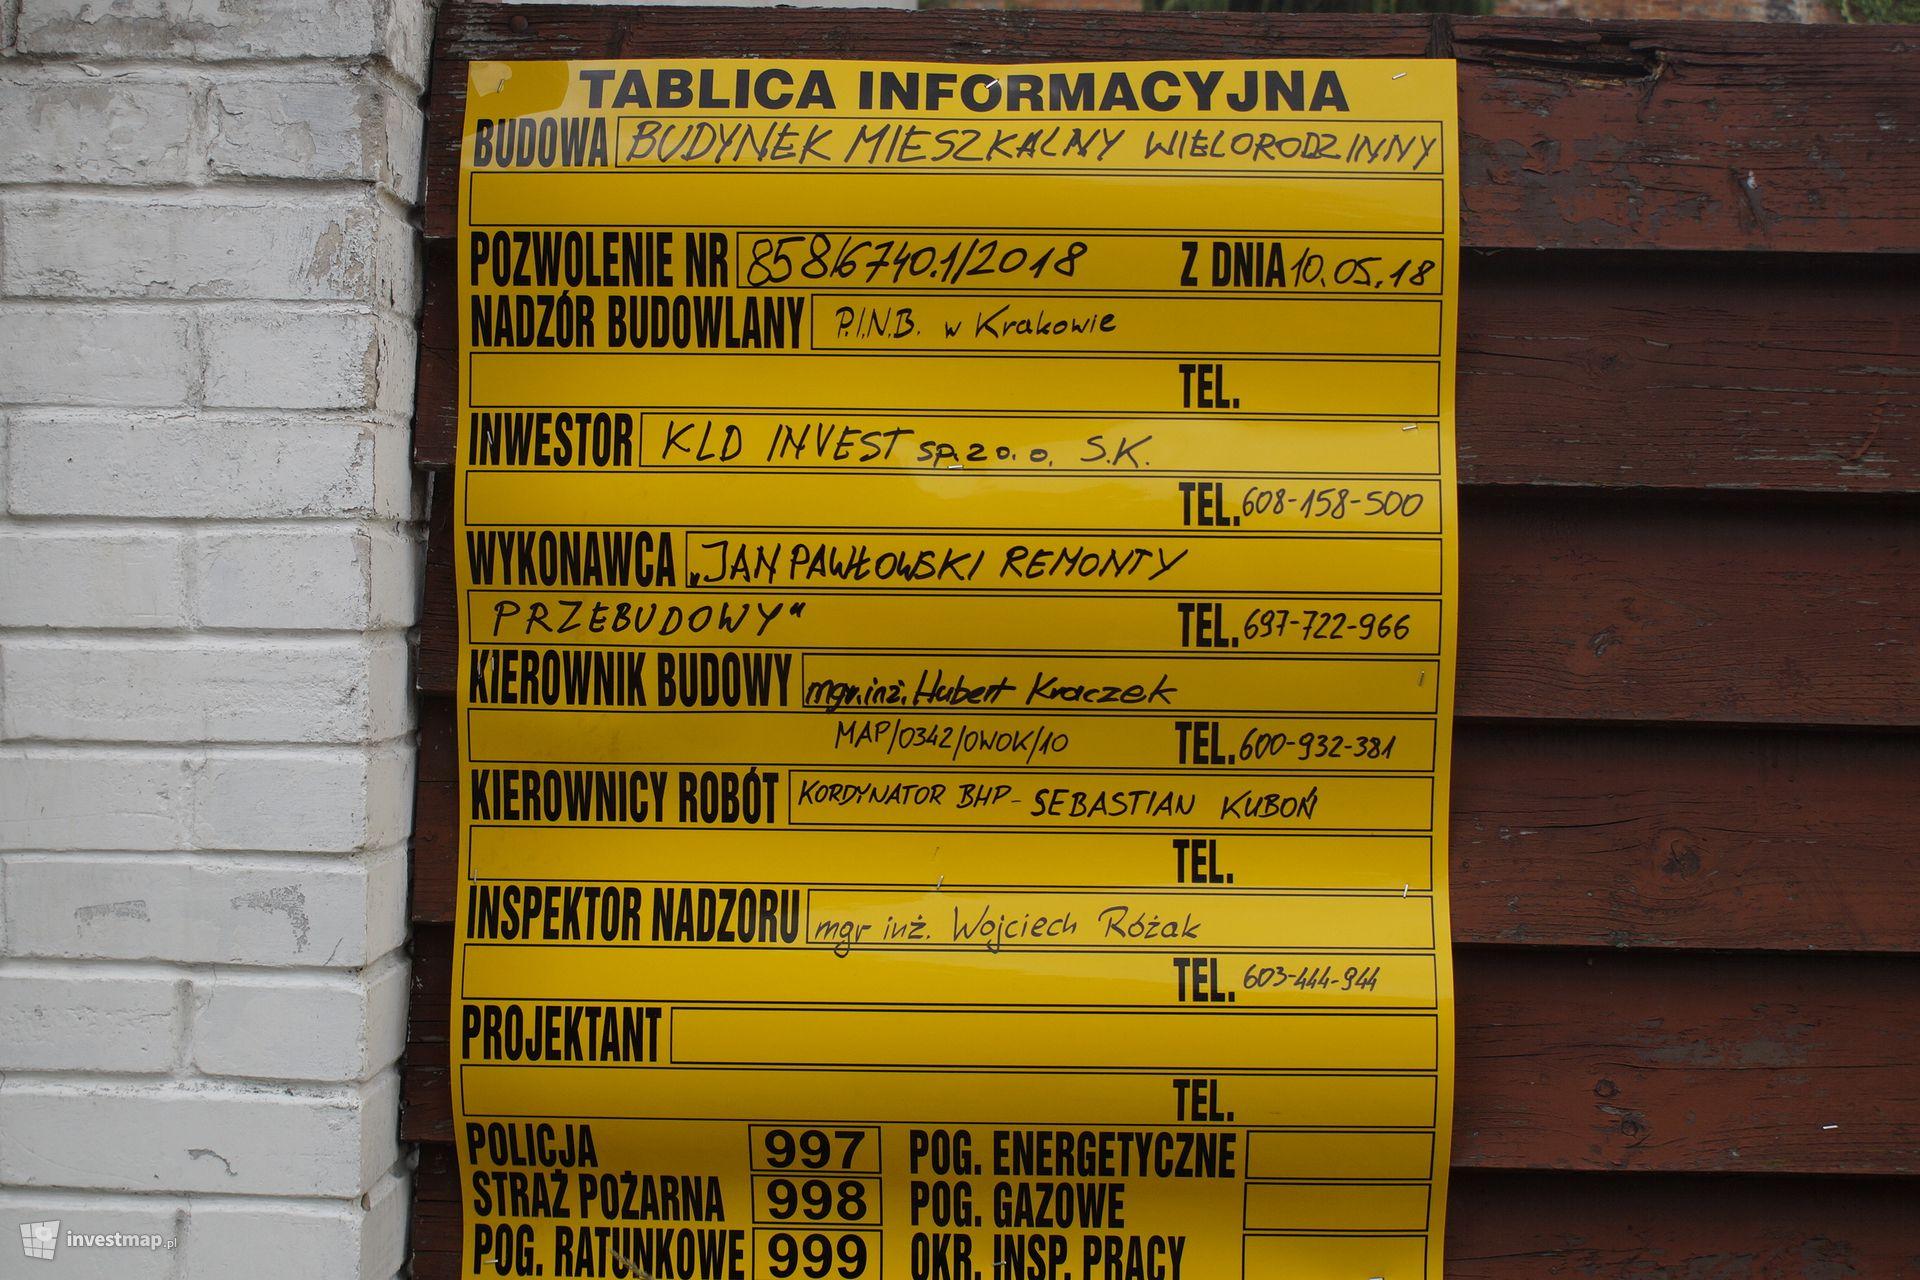 Budynek Mieszkalny, ul. Rakowicka 81